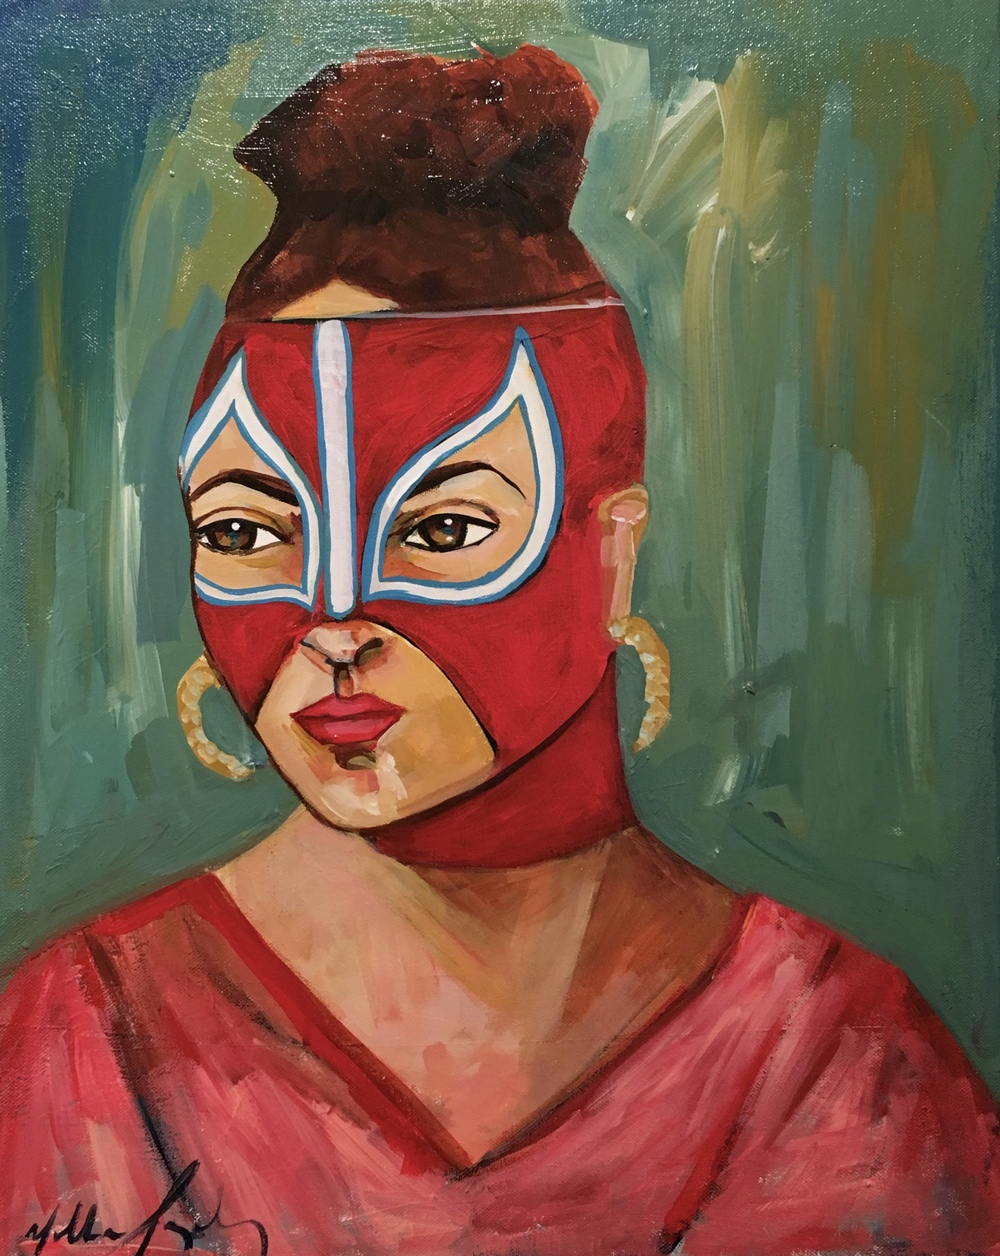 La Chingona. Yolanda González